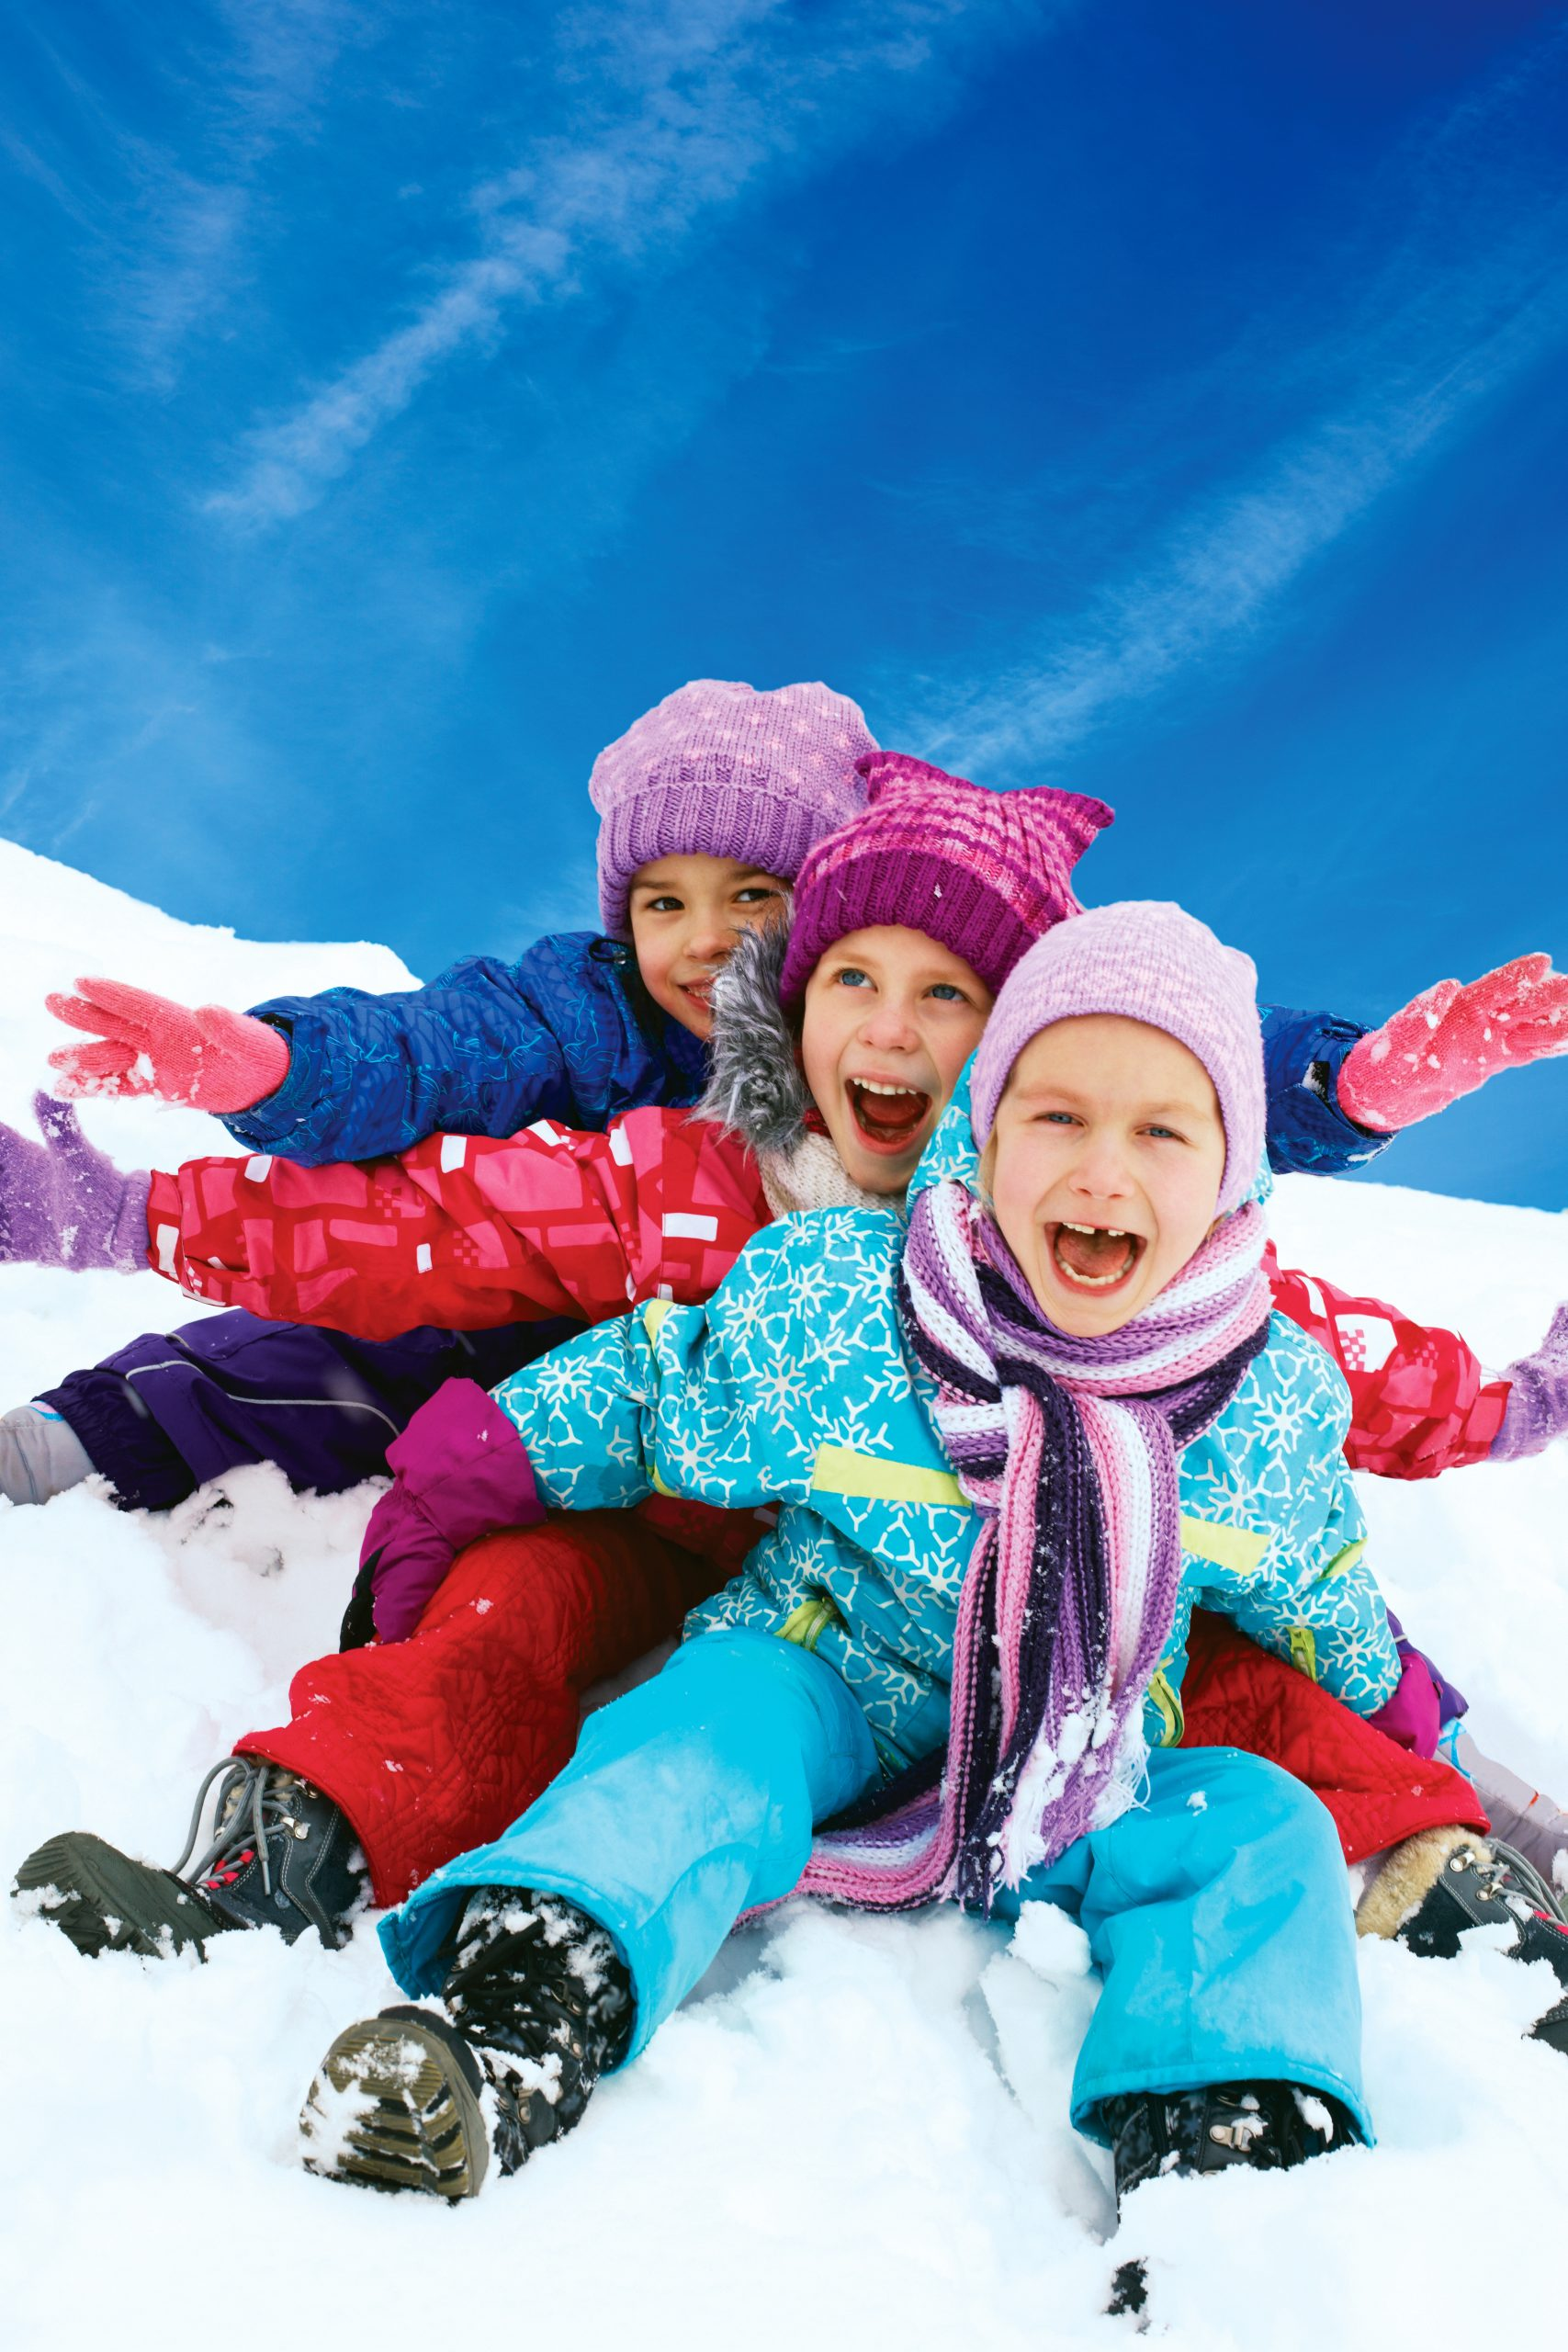 winter fun for kids